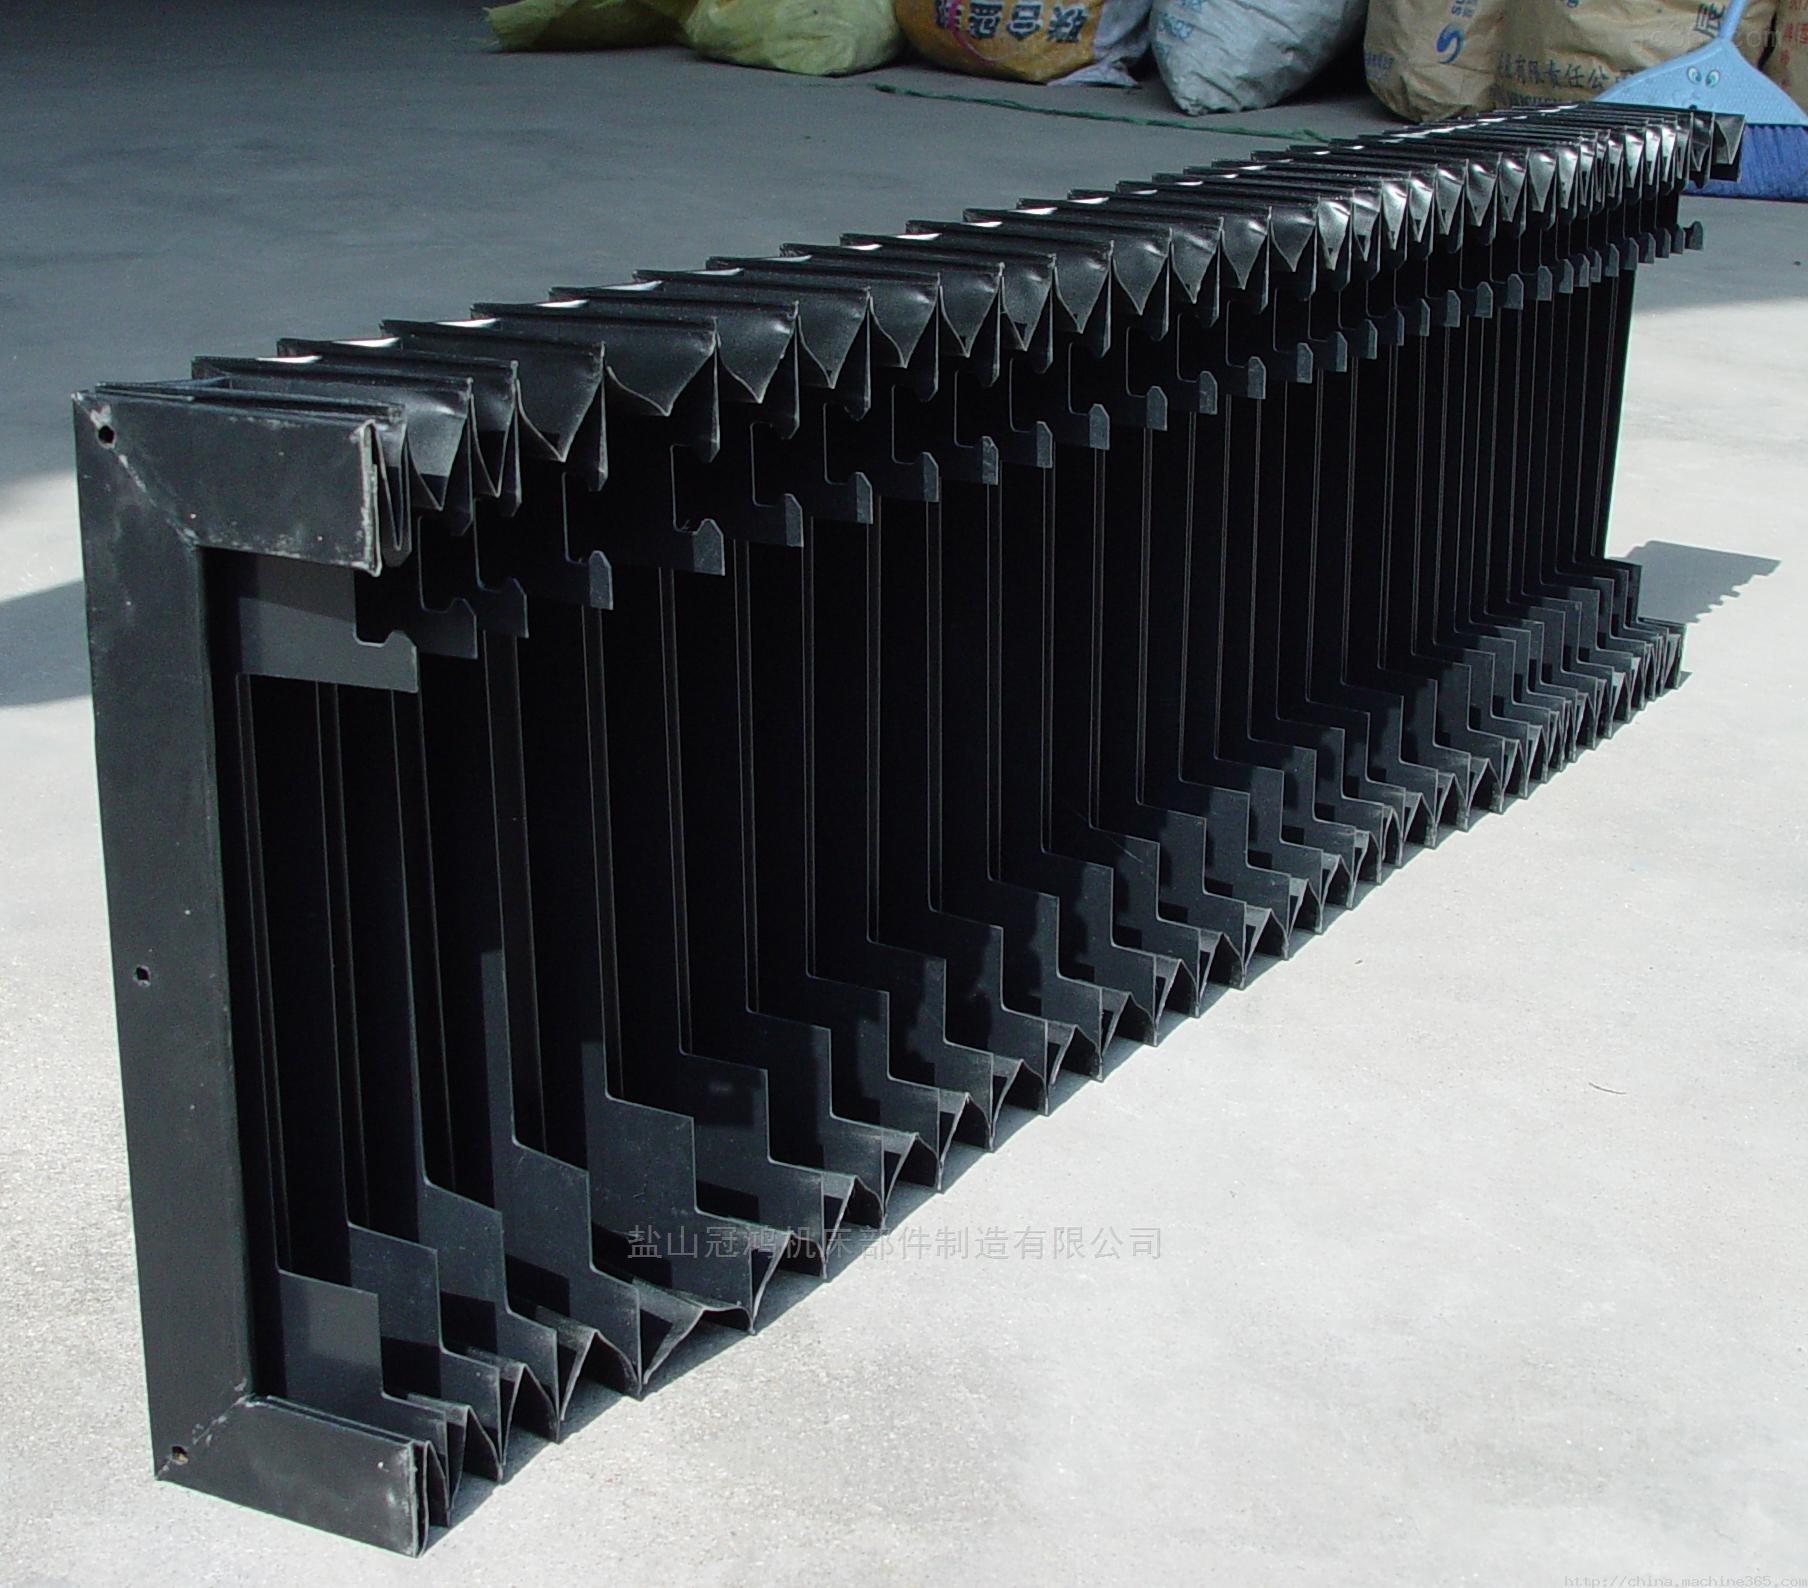 宁波风琴防护罩生产厂家